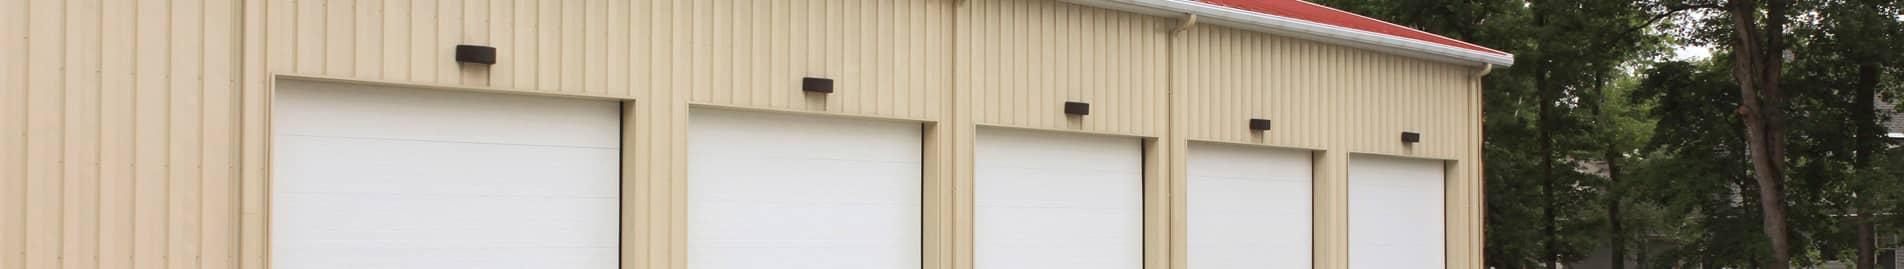 Commercial Garage Door Openers in Tucson